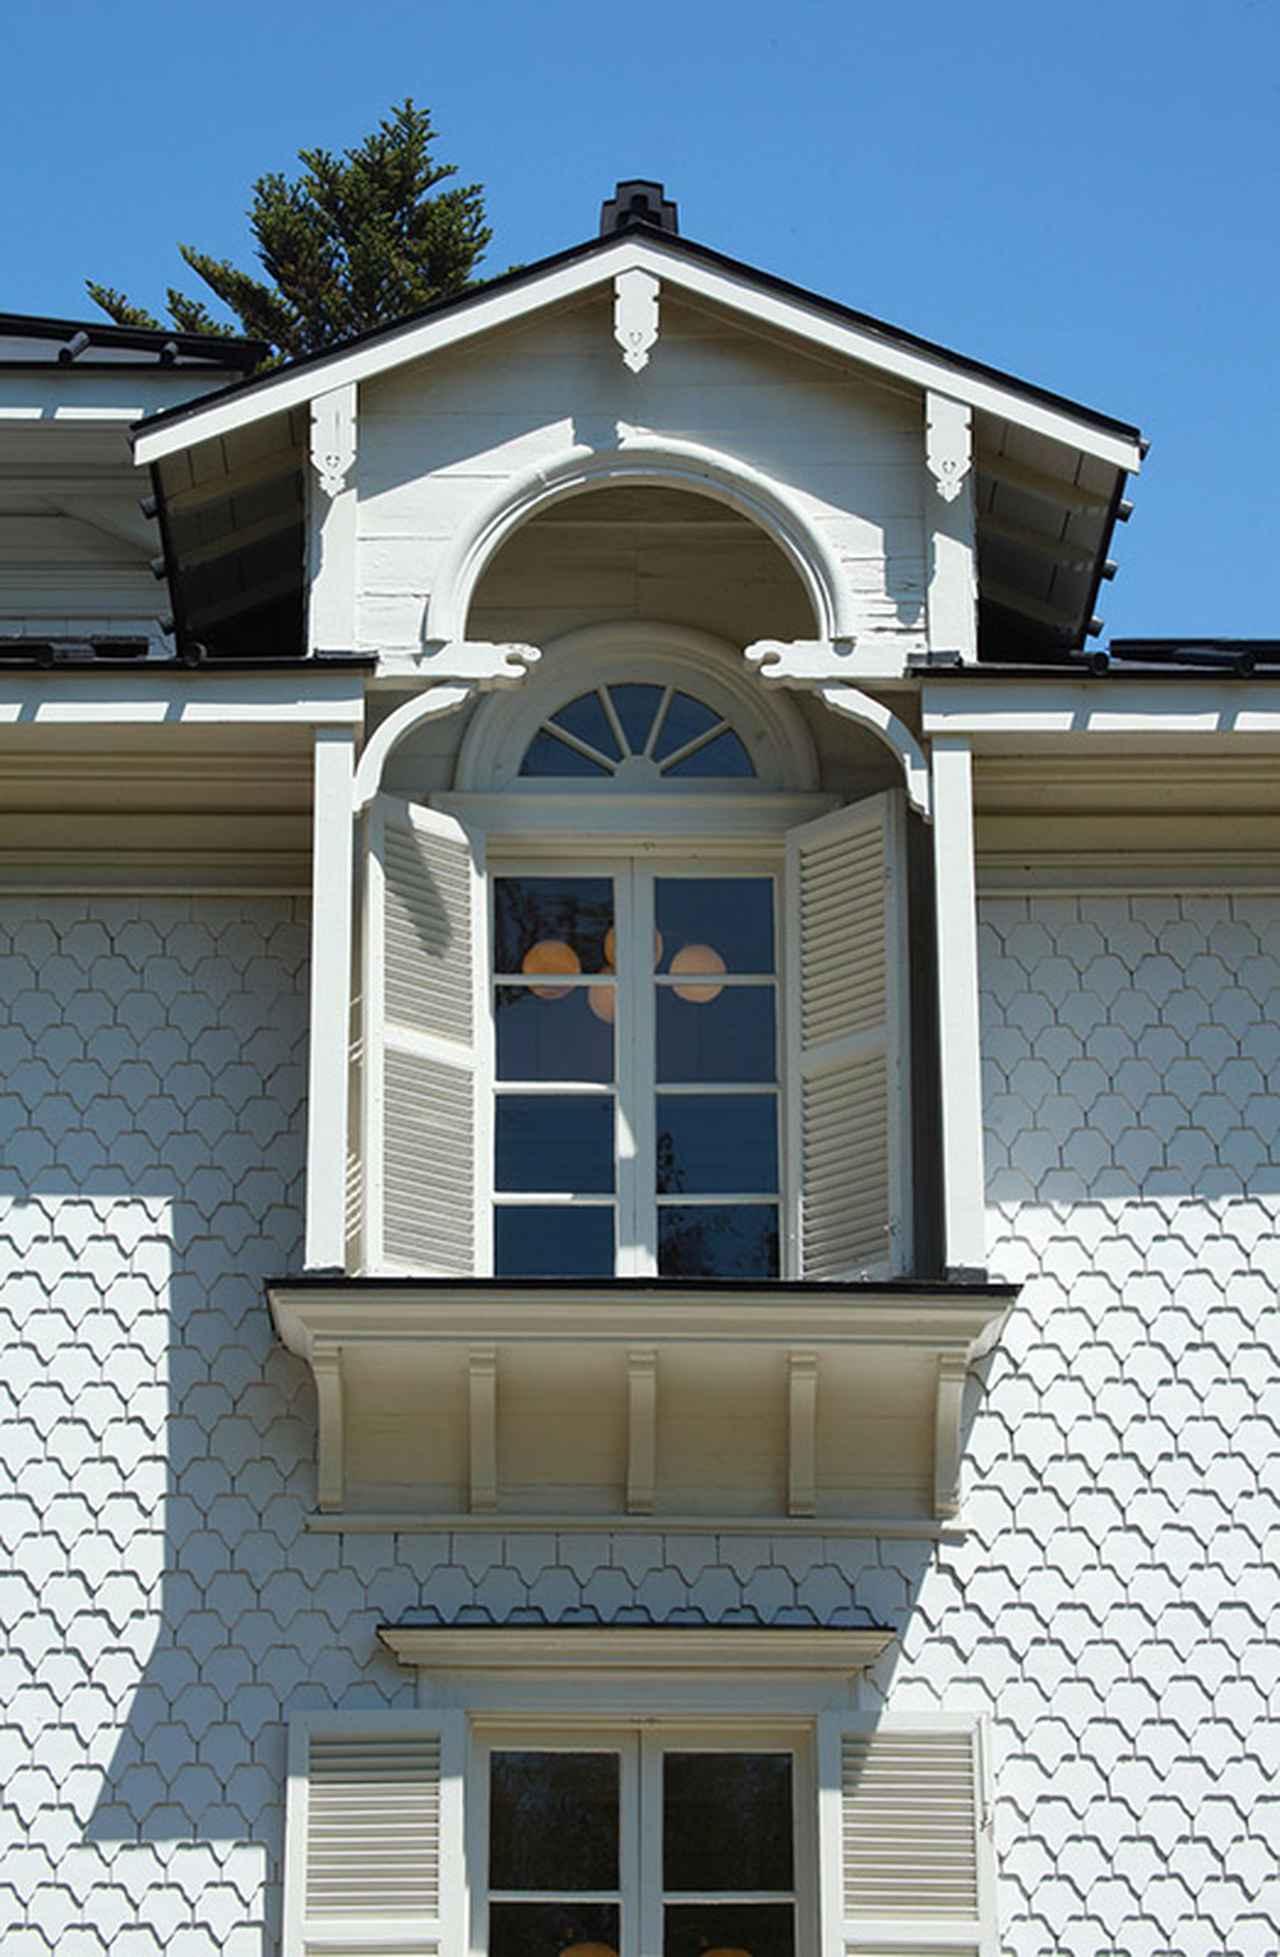 画像: 壁一面に張られた蔦型のスレートの陰影が壁に変化を与えている